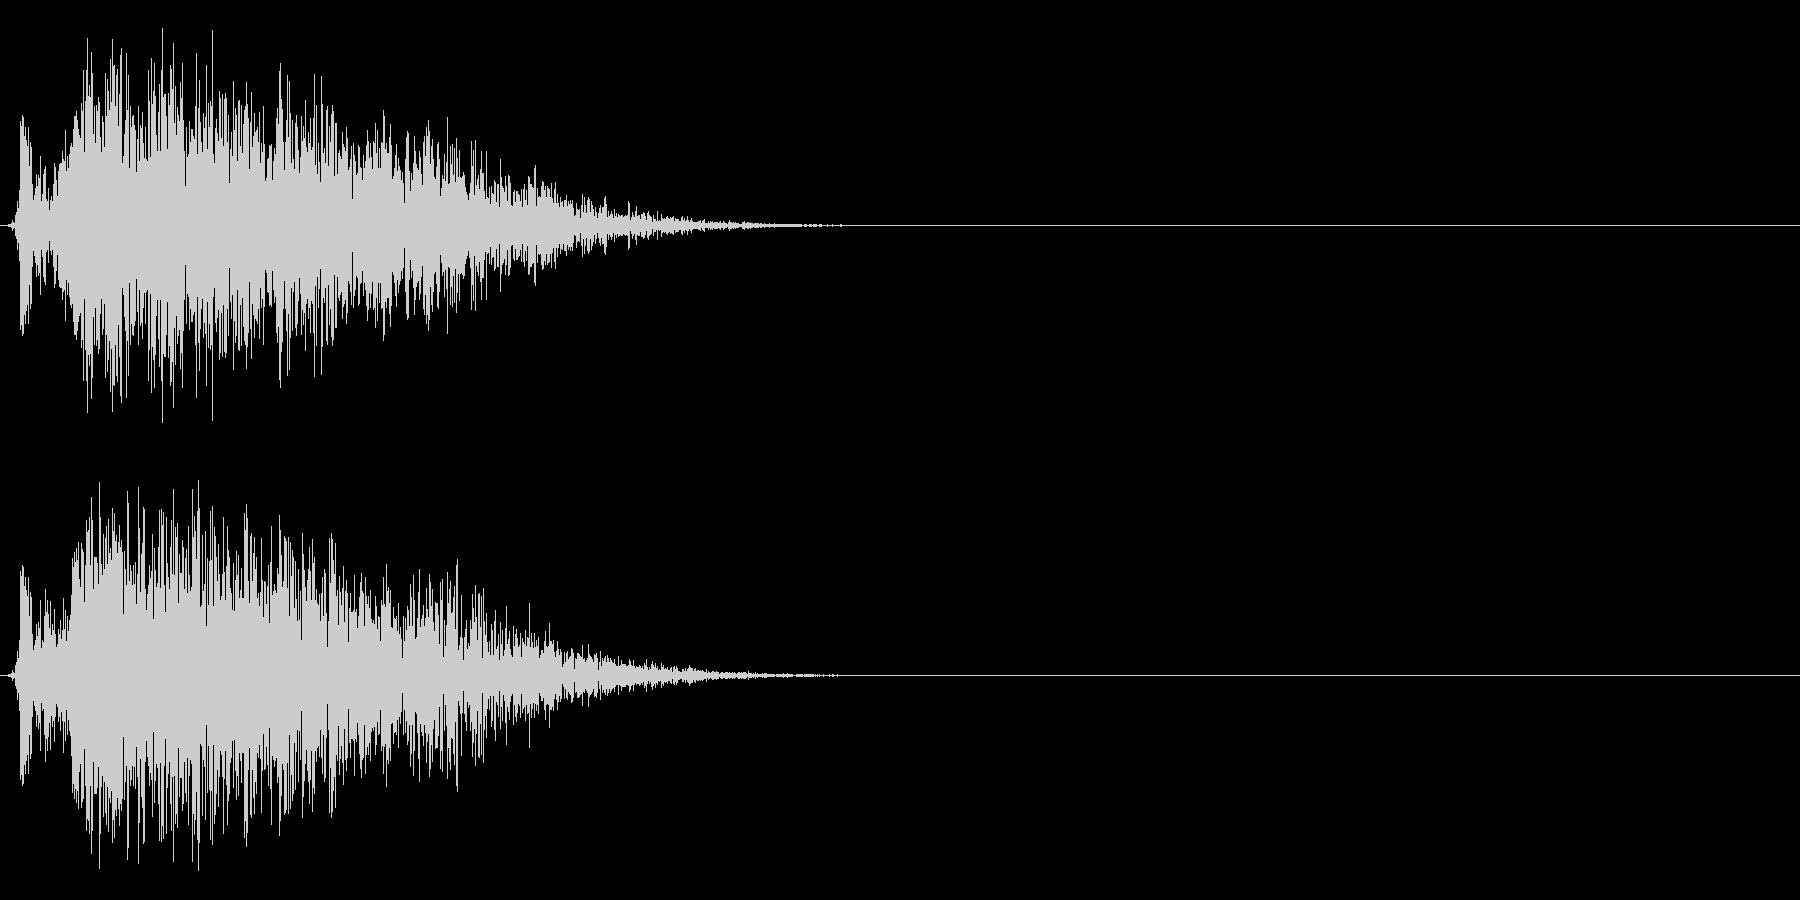 コミカルなダッシュ!ジャンプの効果音1cの未再生の波形